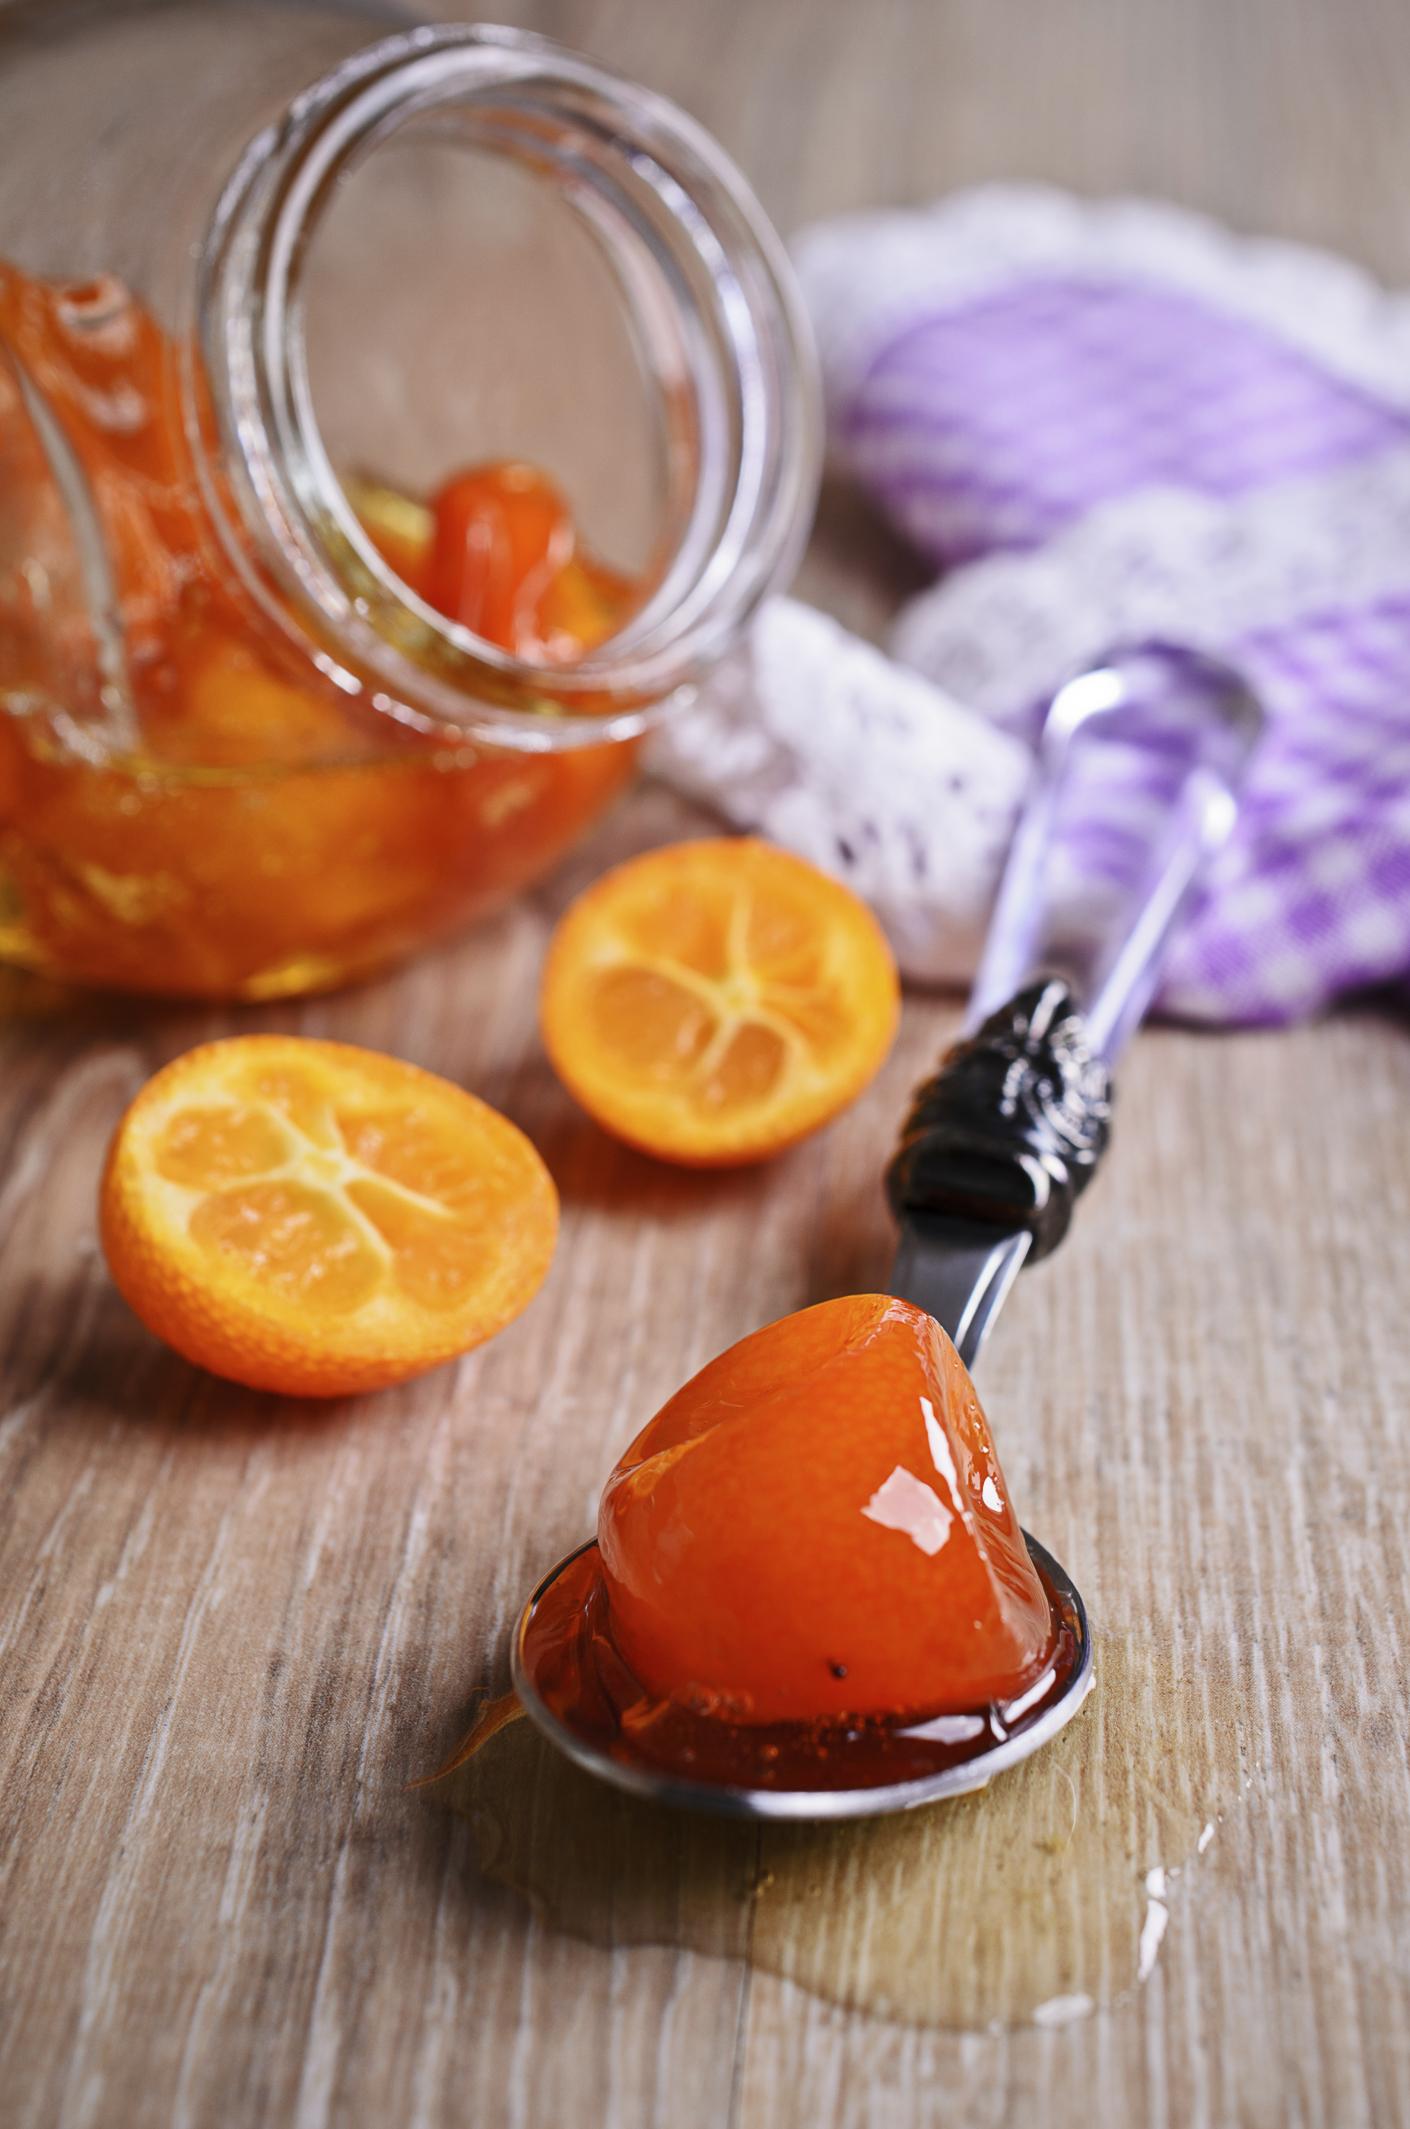 Dulce de naranjas chinas o kinotos